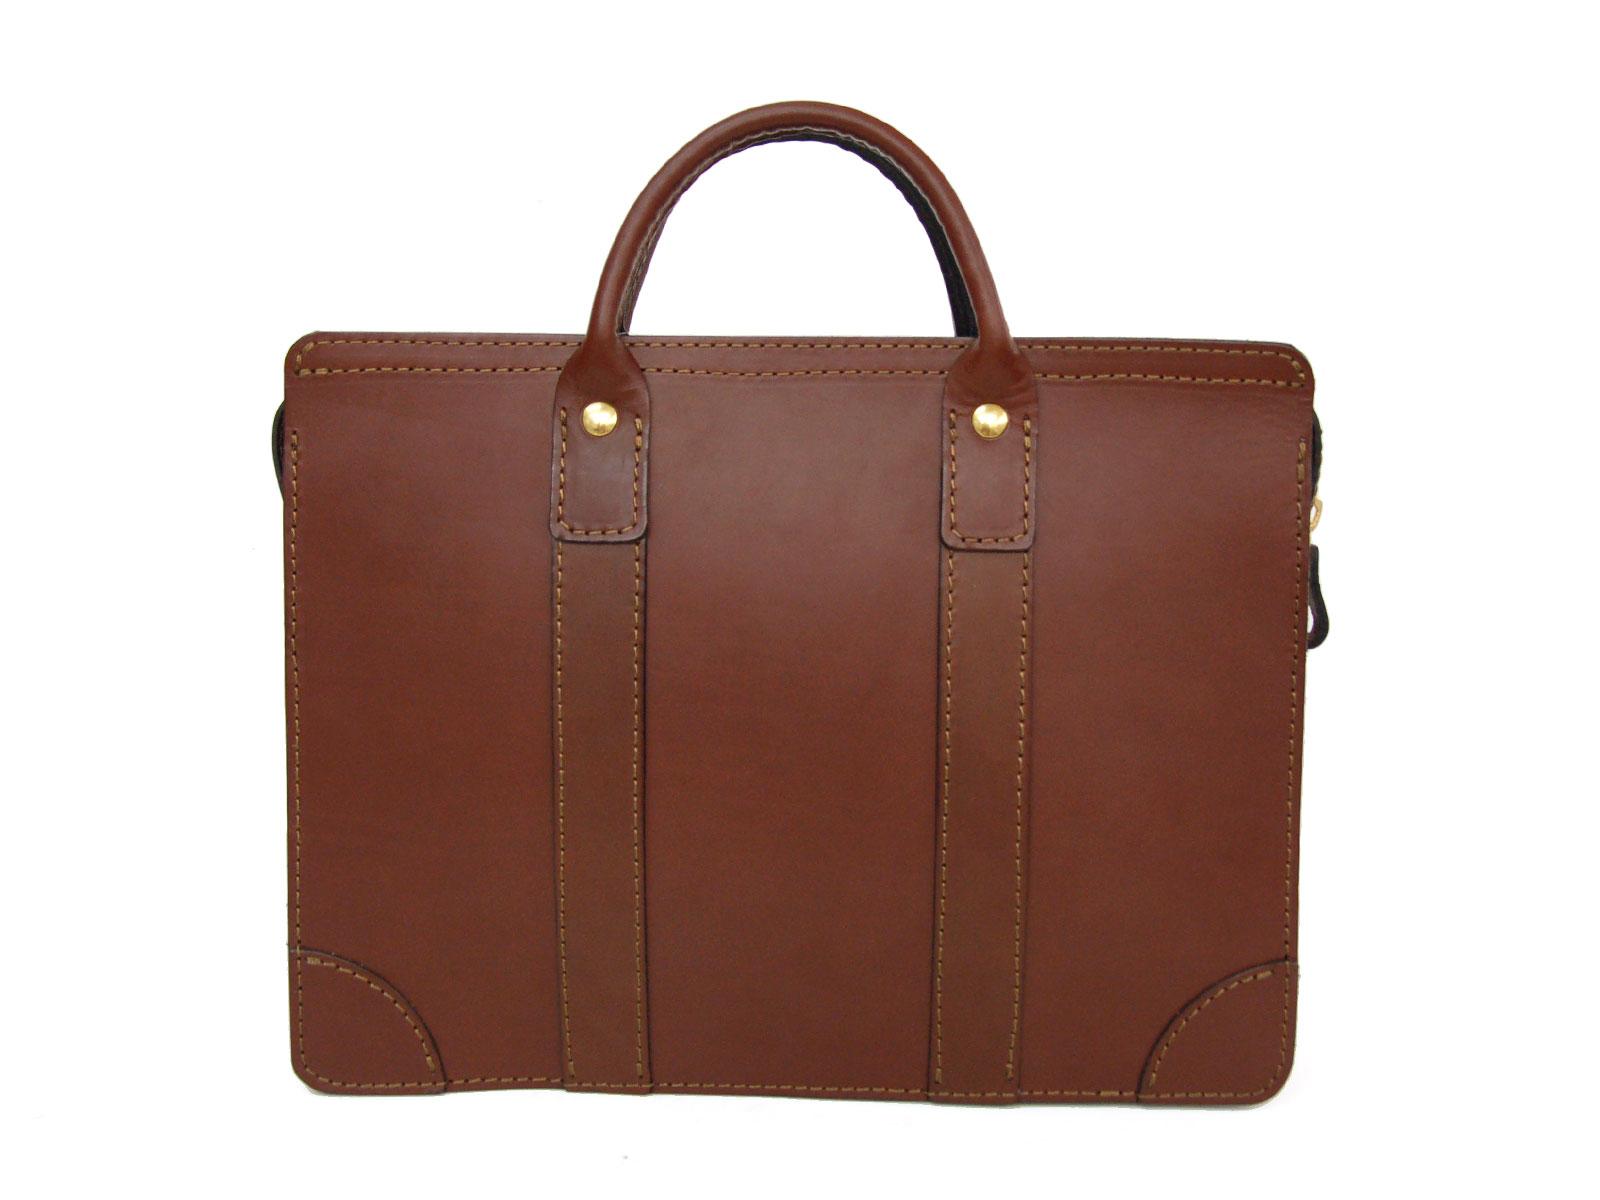 映画『OVER DRIVE』にHERZのビジネスバッグが使用されています